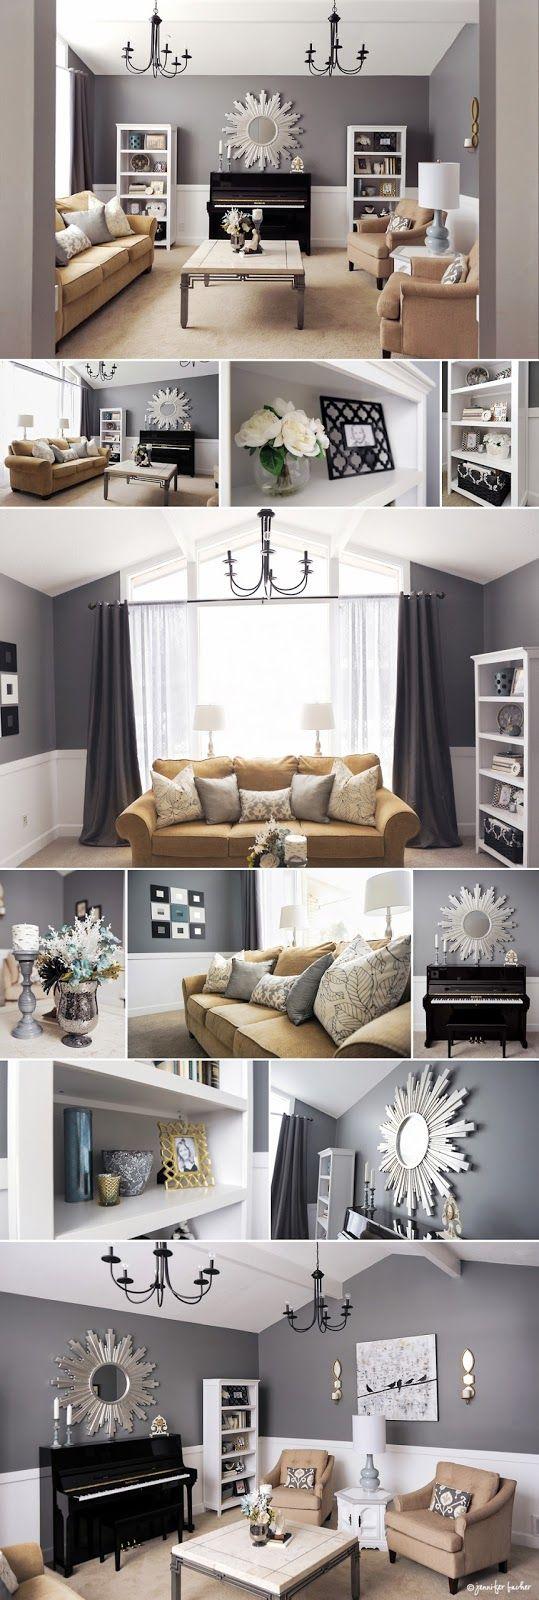 Best 25+ White gold room ideas on Pinterest | White desk ...